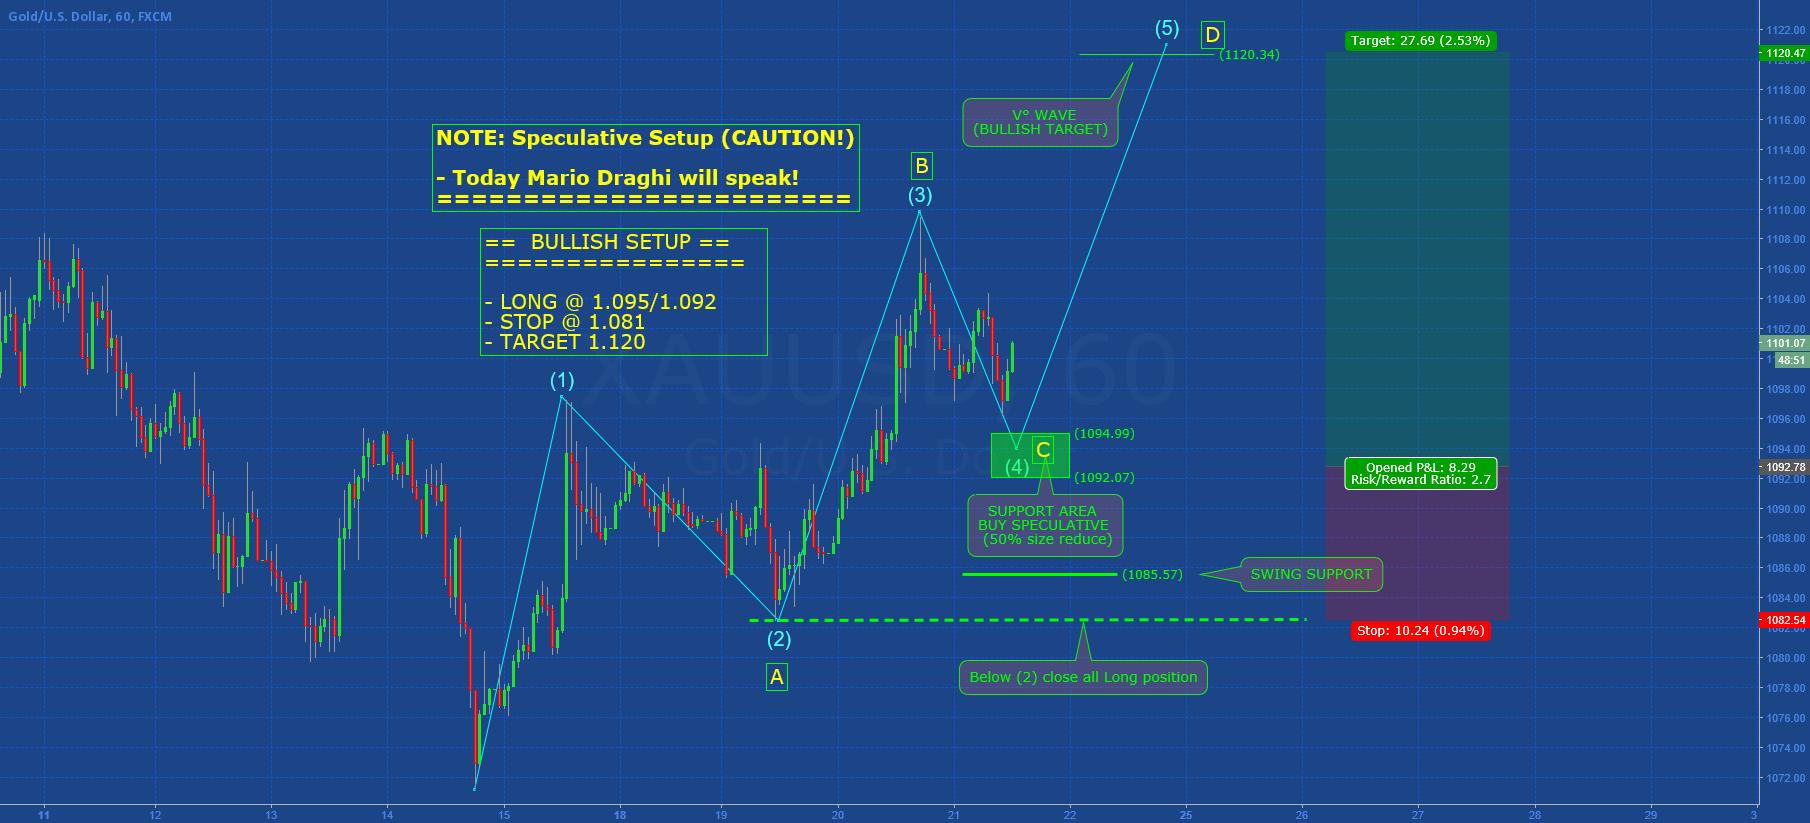 GOLD: More Speculative Setup (CAUTION!)